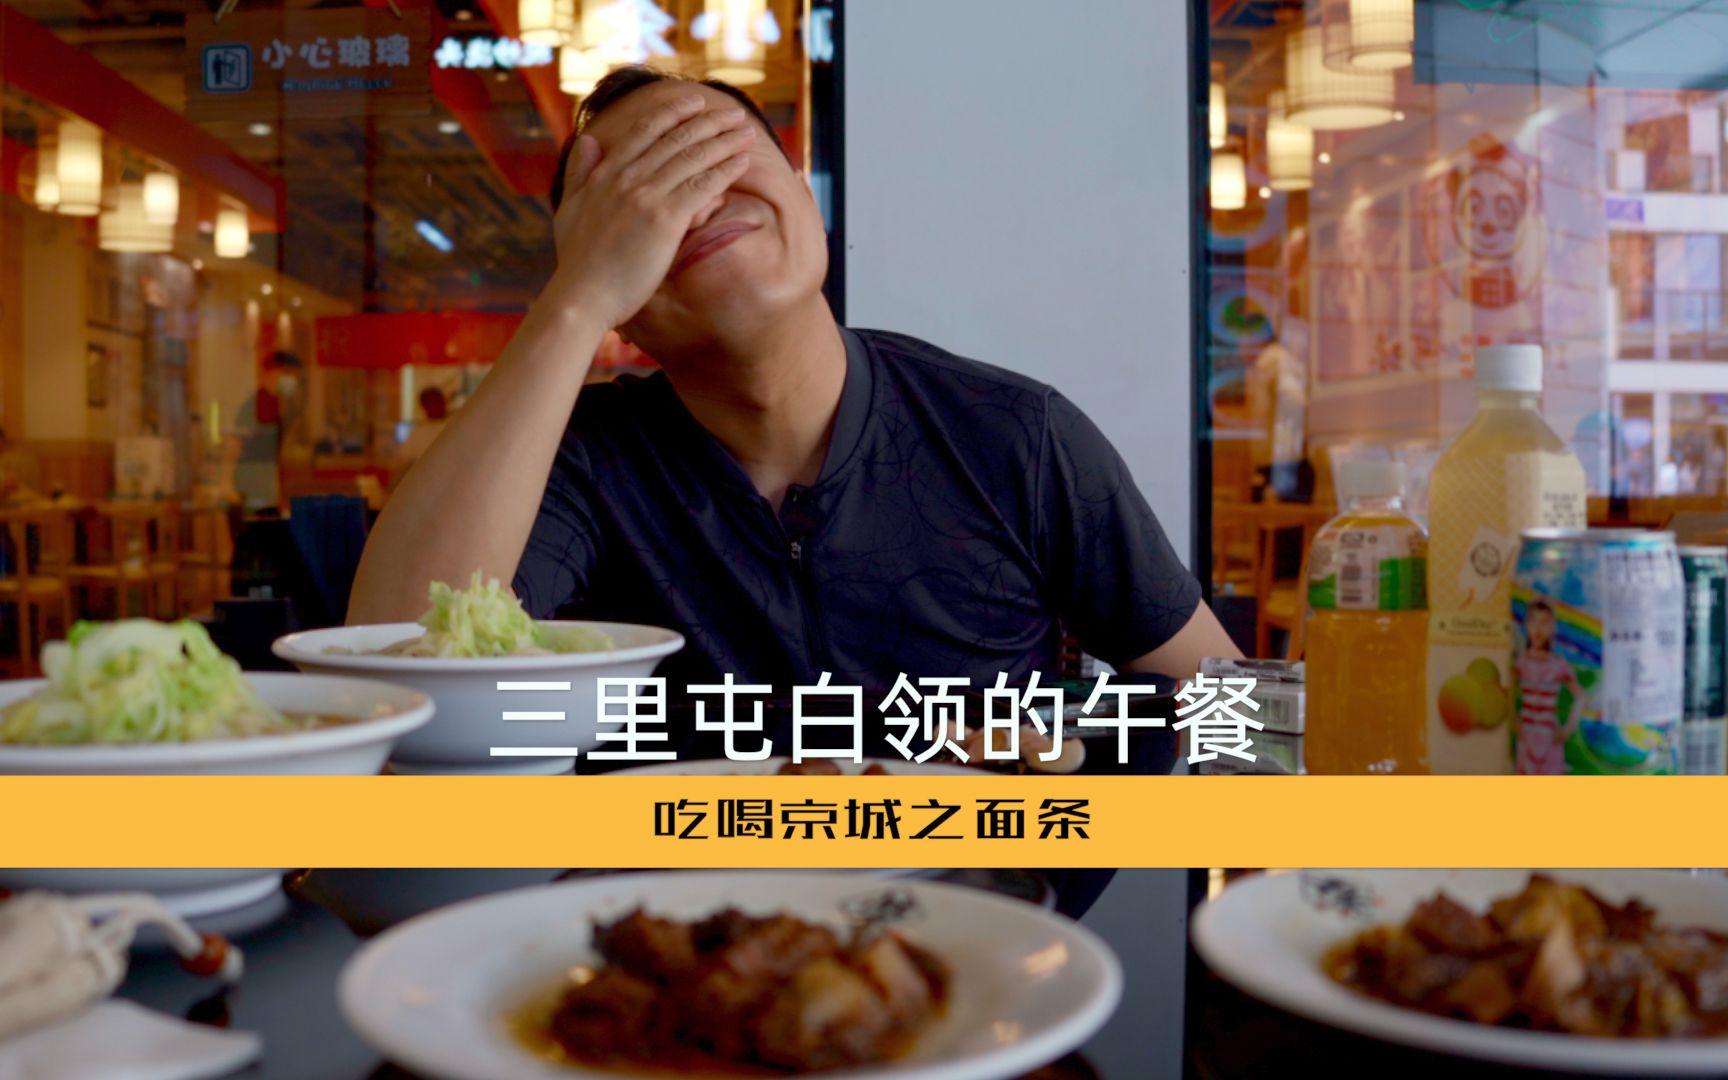 北京白领生活成本有多高?在宇宙中心三里屯吃个工作午餐